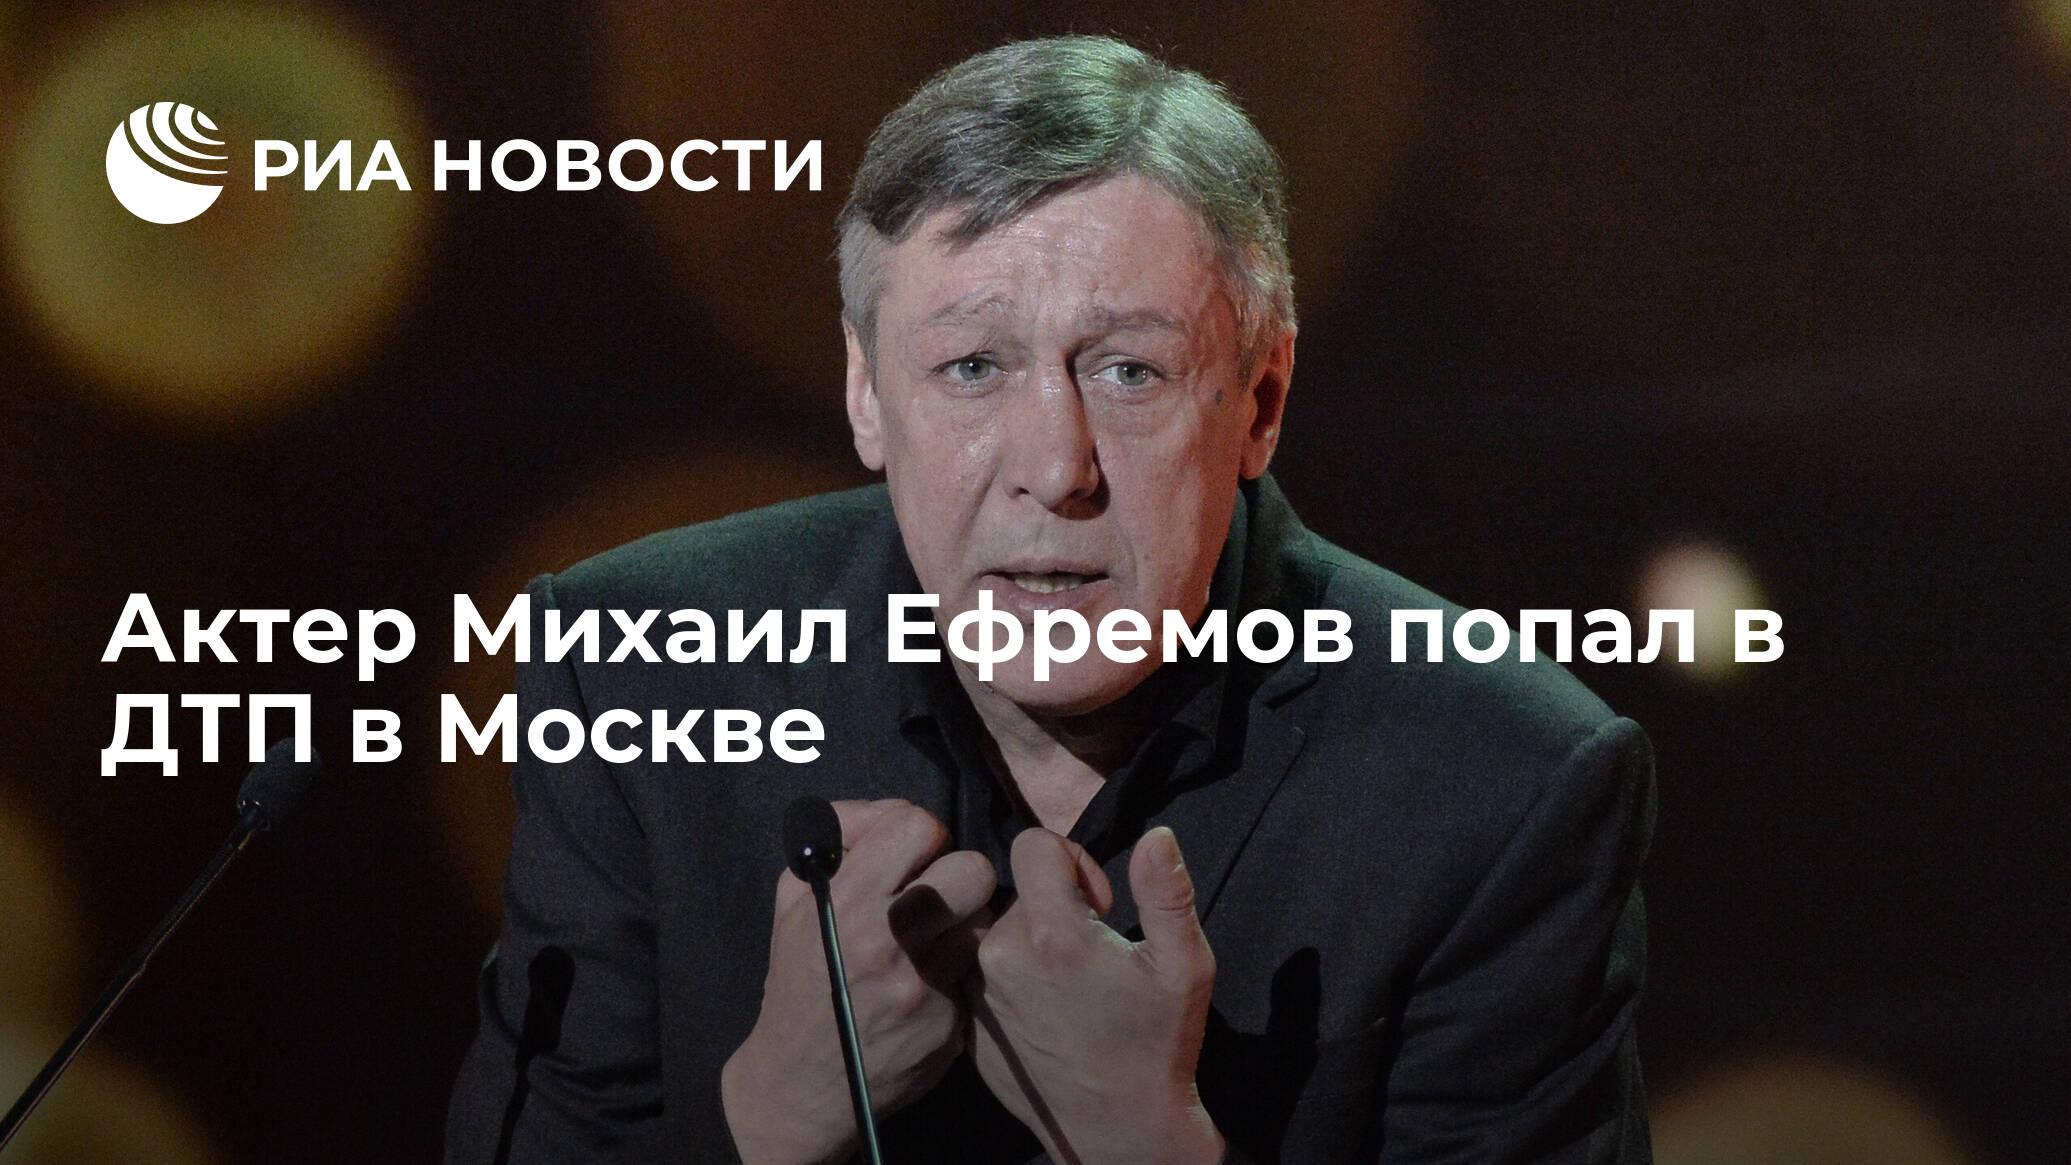 Актер Михаил Ефремов попал в ДТП в Москве